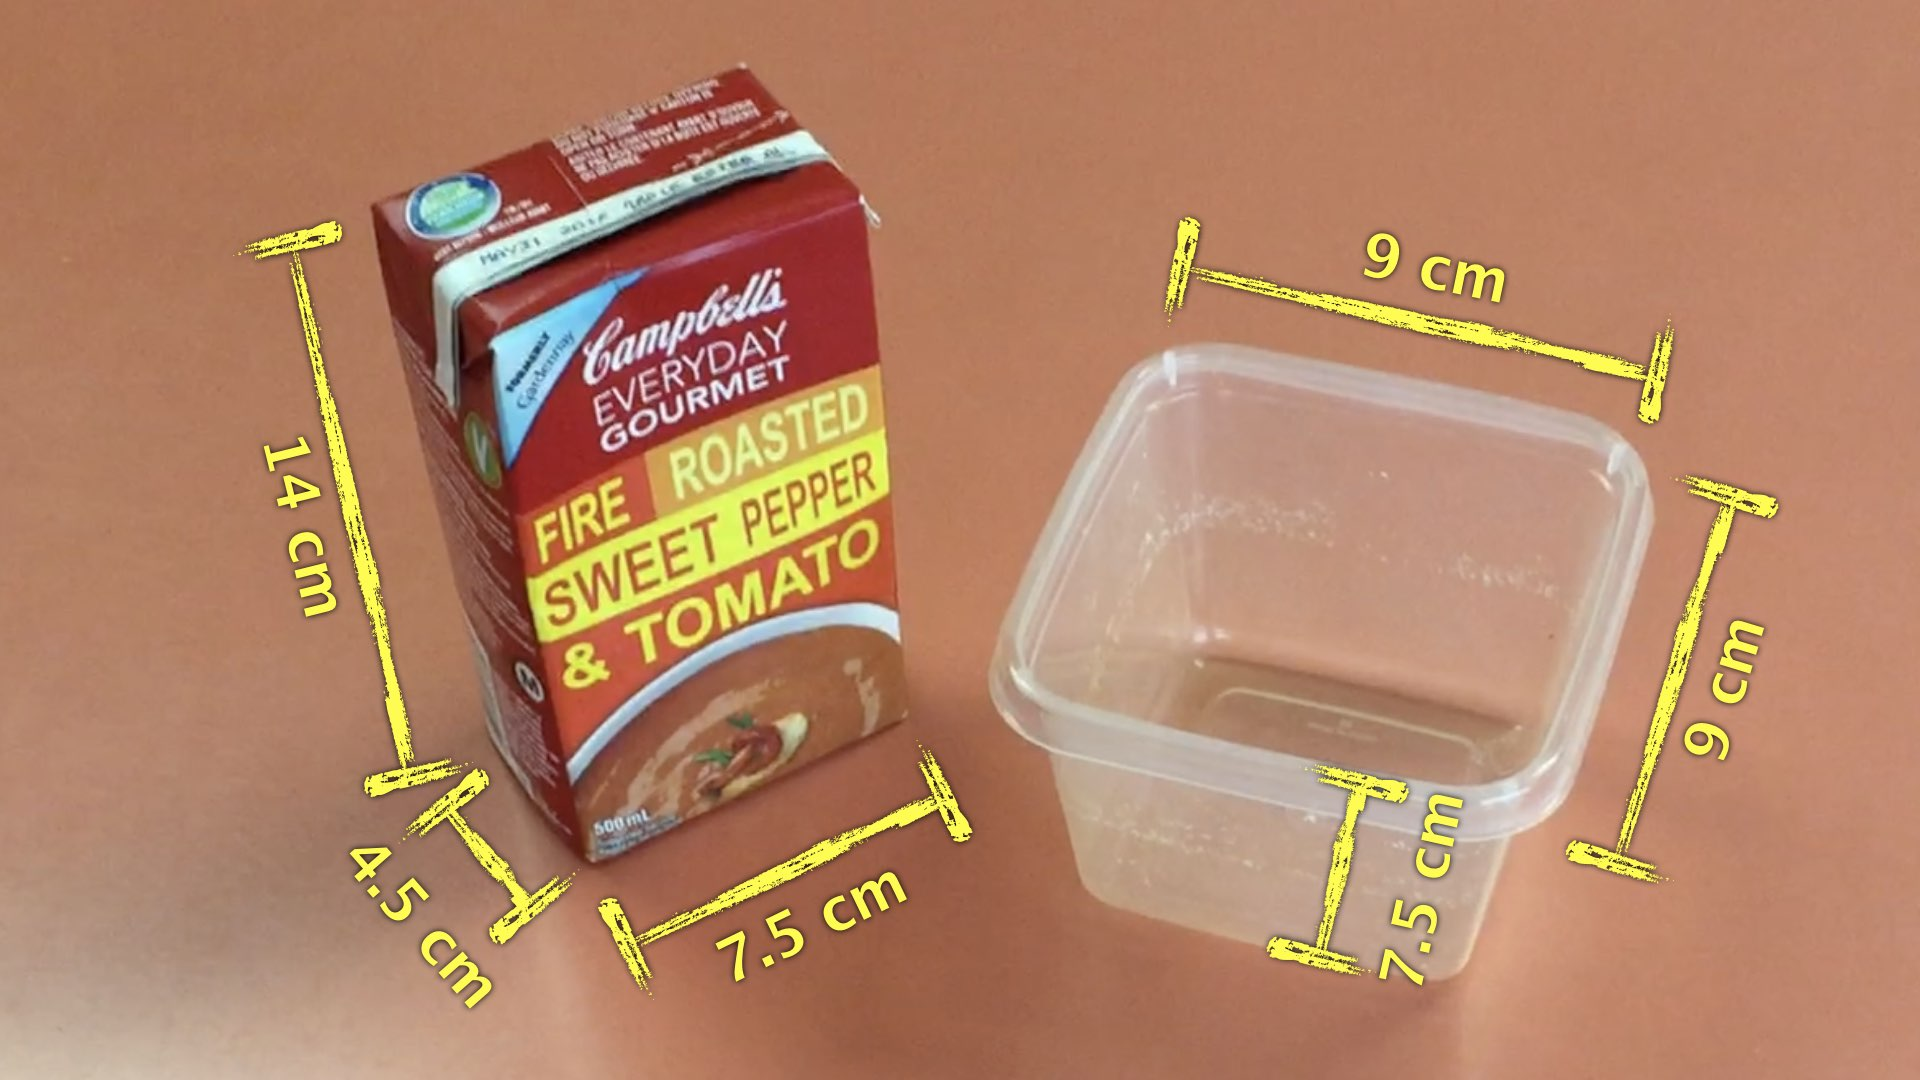 Soup Du Jour 3 Act Math - Act 2 Container Dimensions